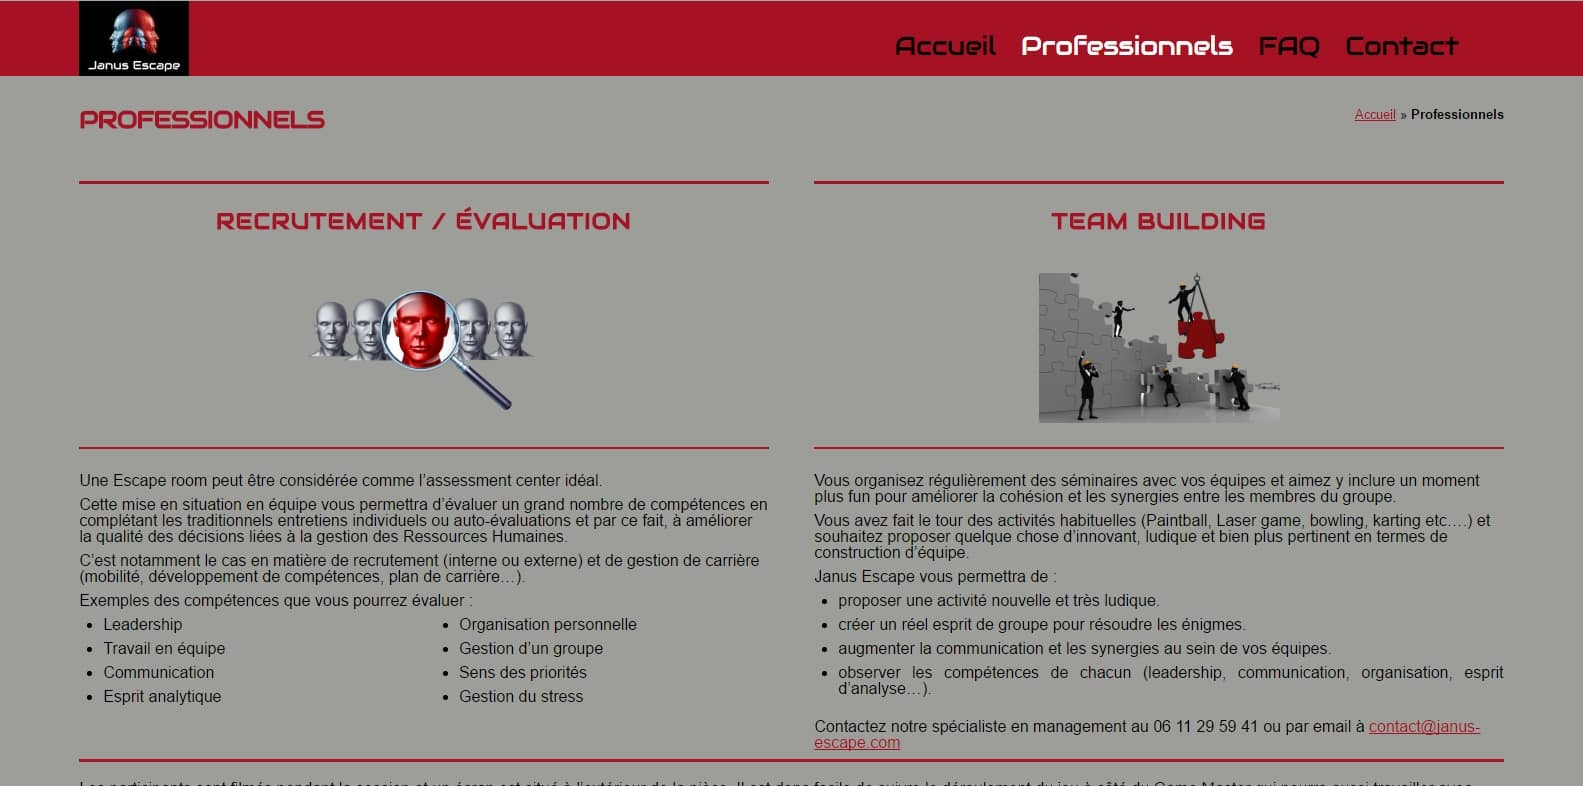 Page dédié au Professionnels de Janus-Escape